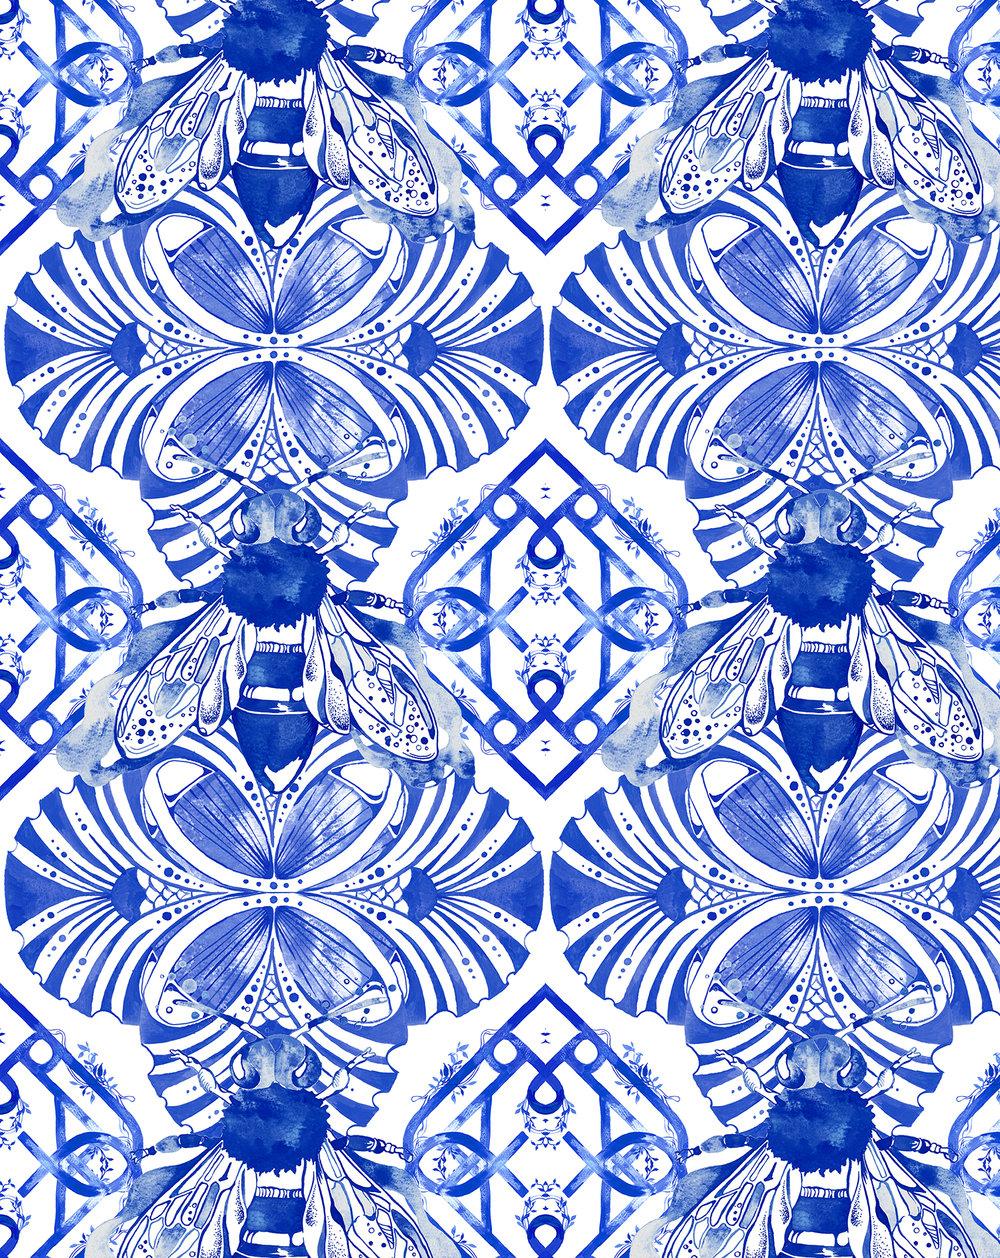 PommeChan_Bee Tiles Pattern1_Lowres_15x15.jpg